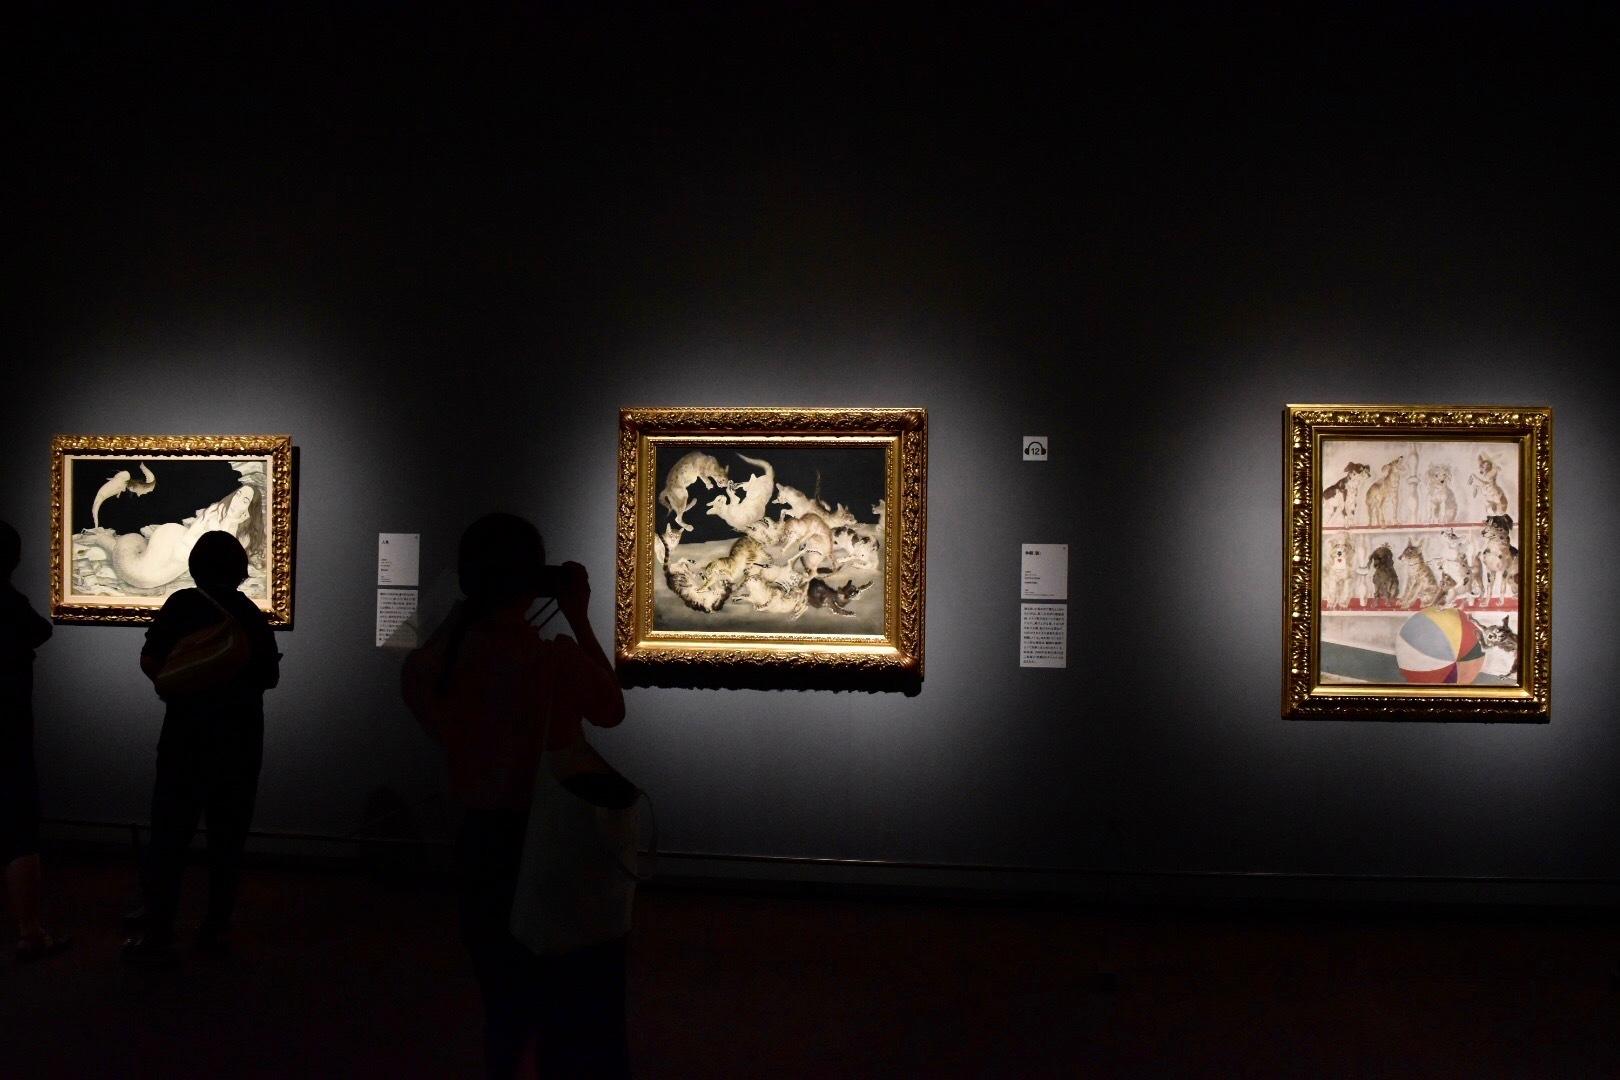 右から《サーカスの人気者》 1939年 島根県立美術館蔵、《争闘(猫)》 1940年 東京国立近代美術館蔵、《人魚》 1940年 個人蔵 (C) Foundation Foujita / A DAGP , Paris & JASPAR , Tokyo , 2017 E2833